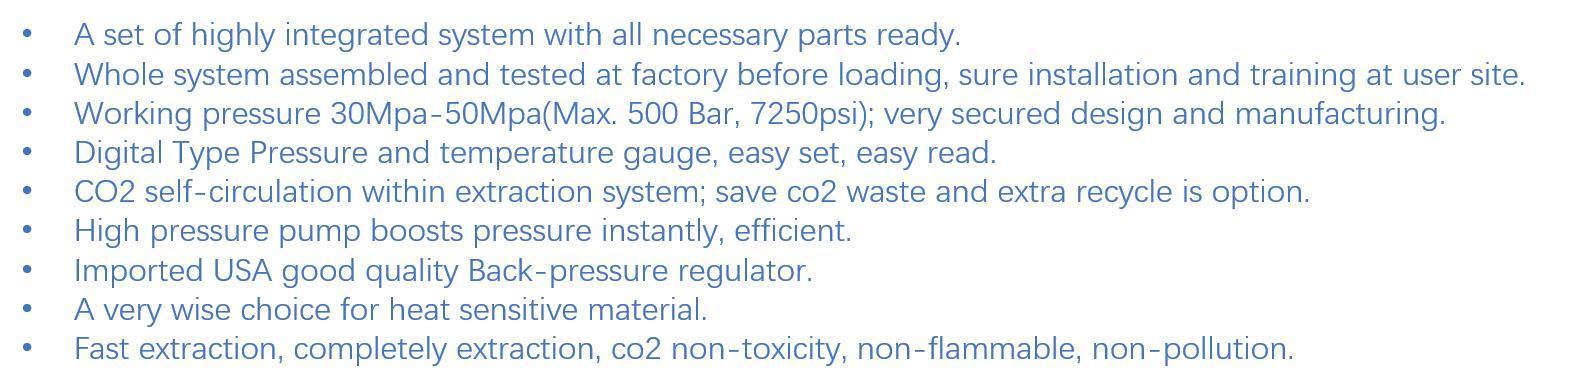 Supercritical-co2-extraction-machine-advantages